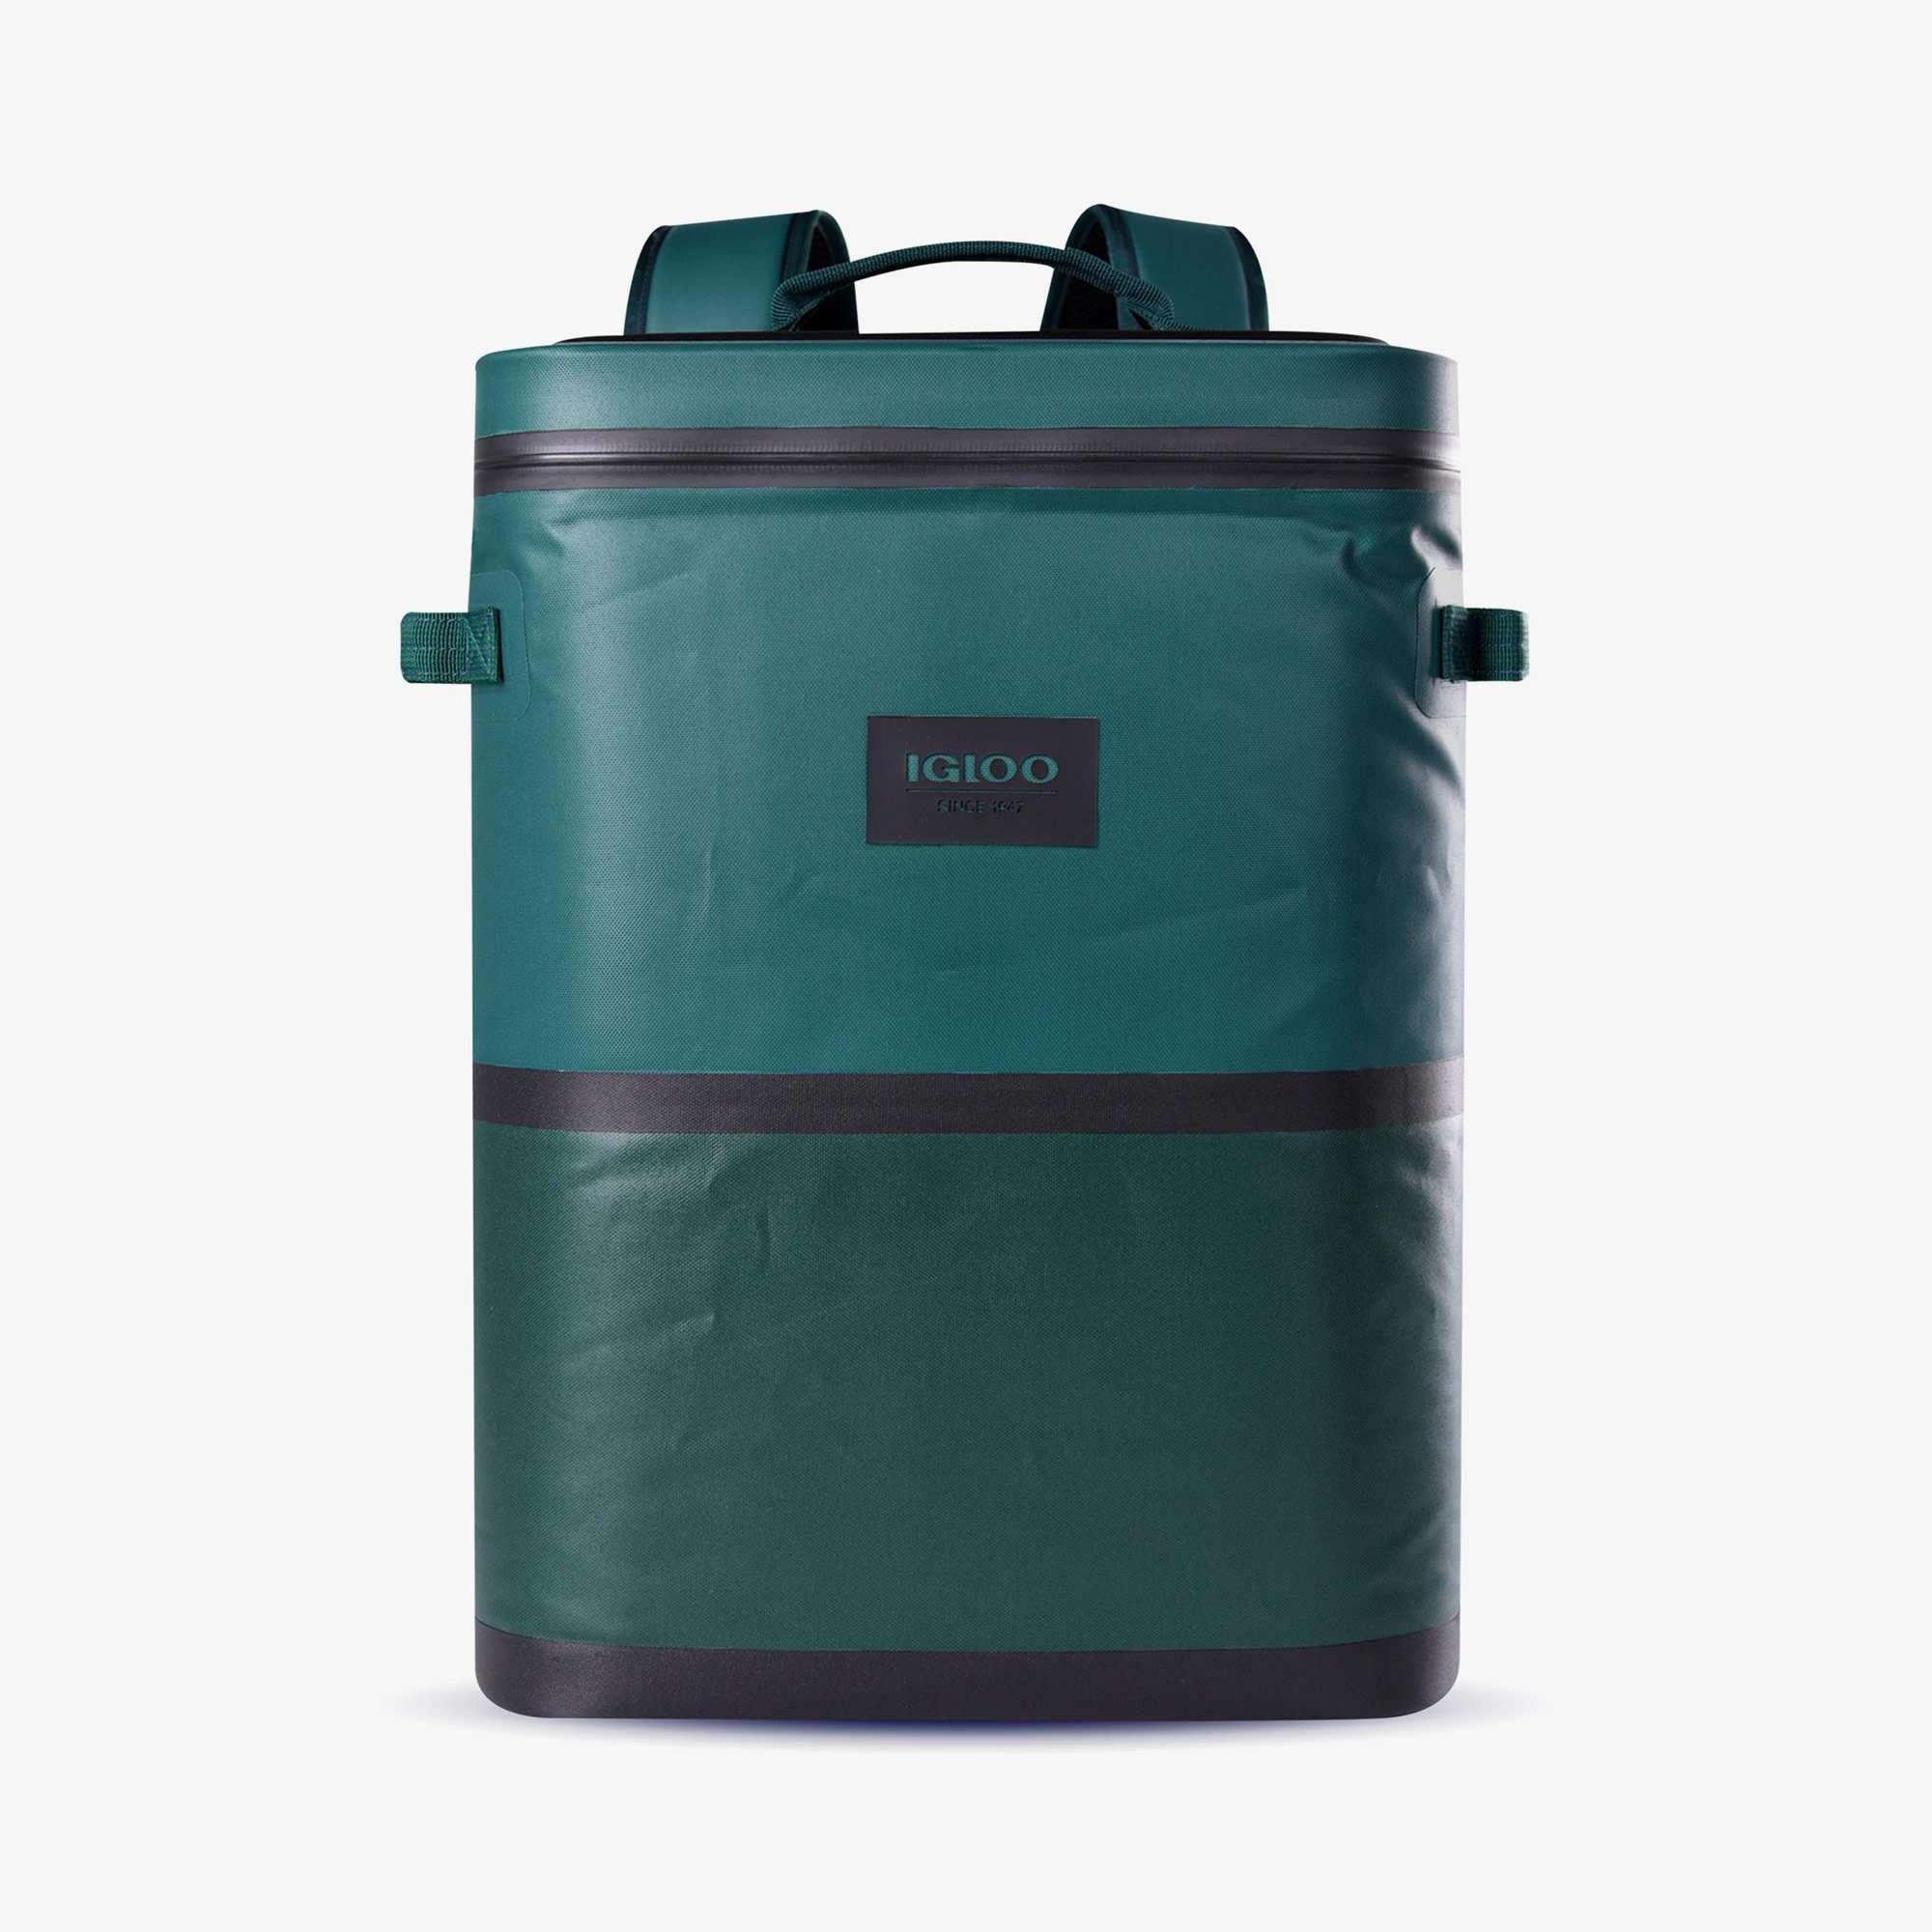 igloo-reactor-backpack